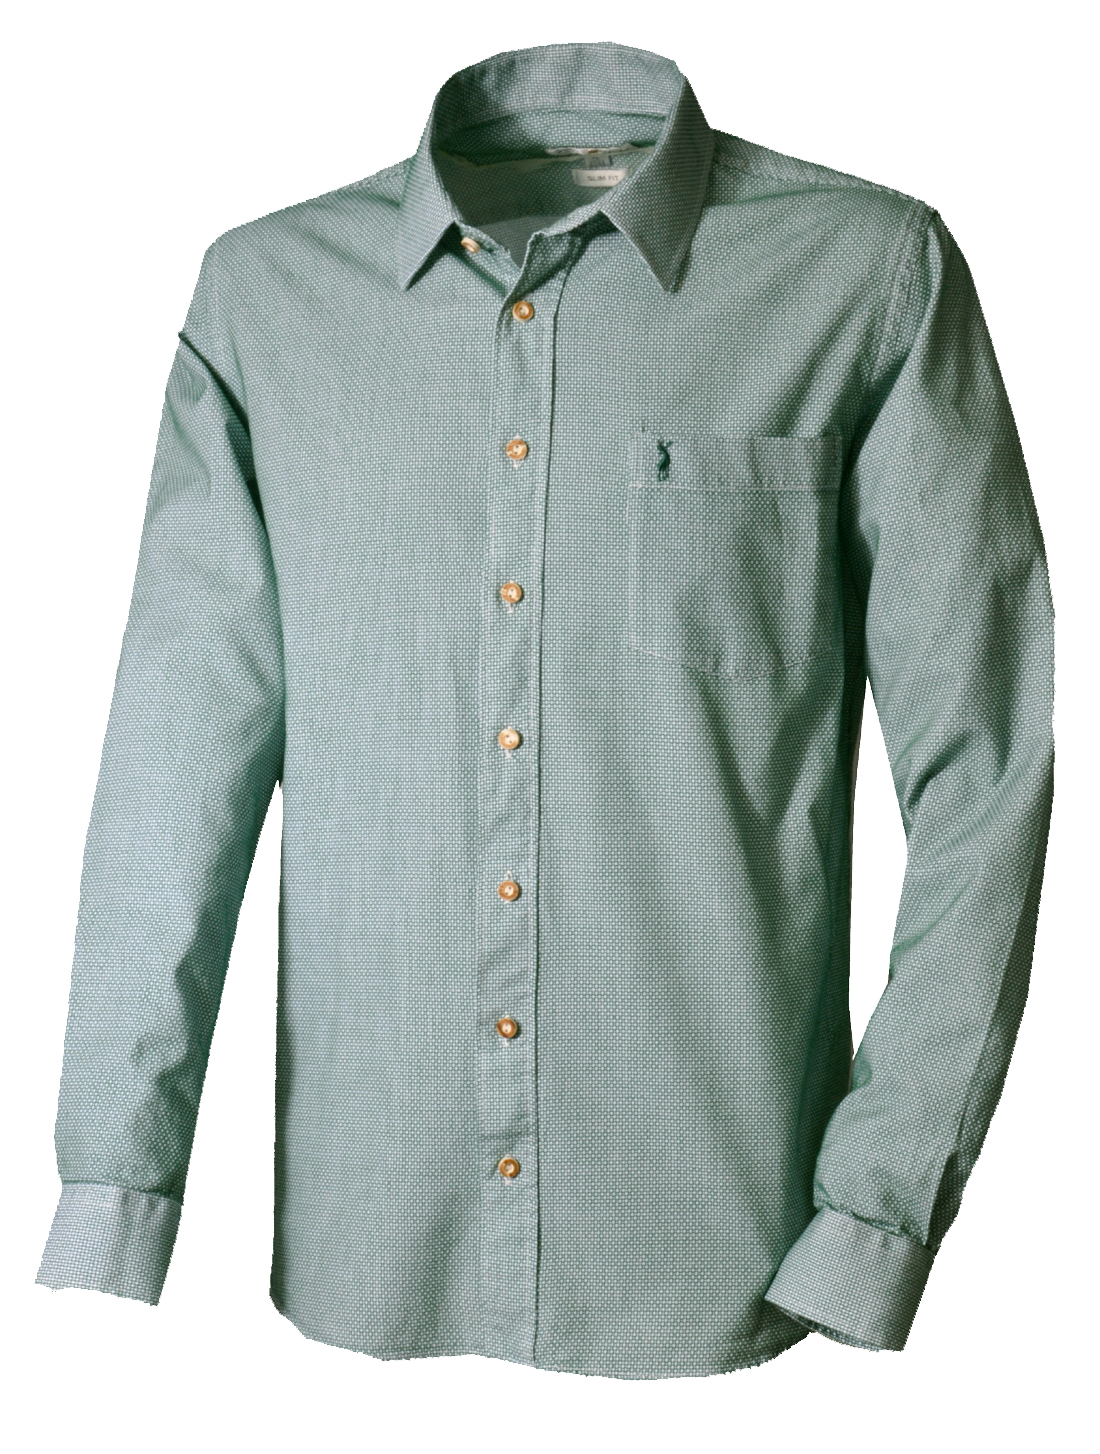 Trachtenhemd langarm hellgrün dunkelgrün kariert slimfit von